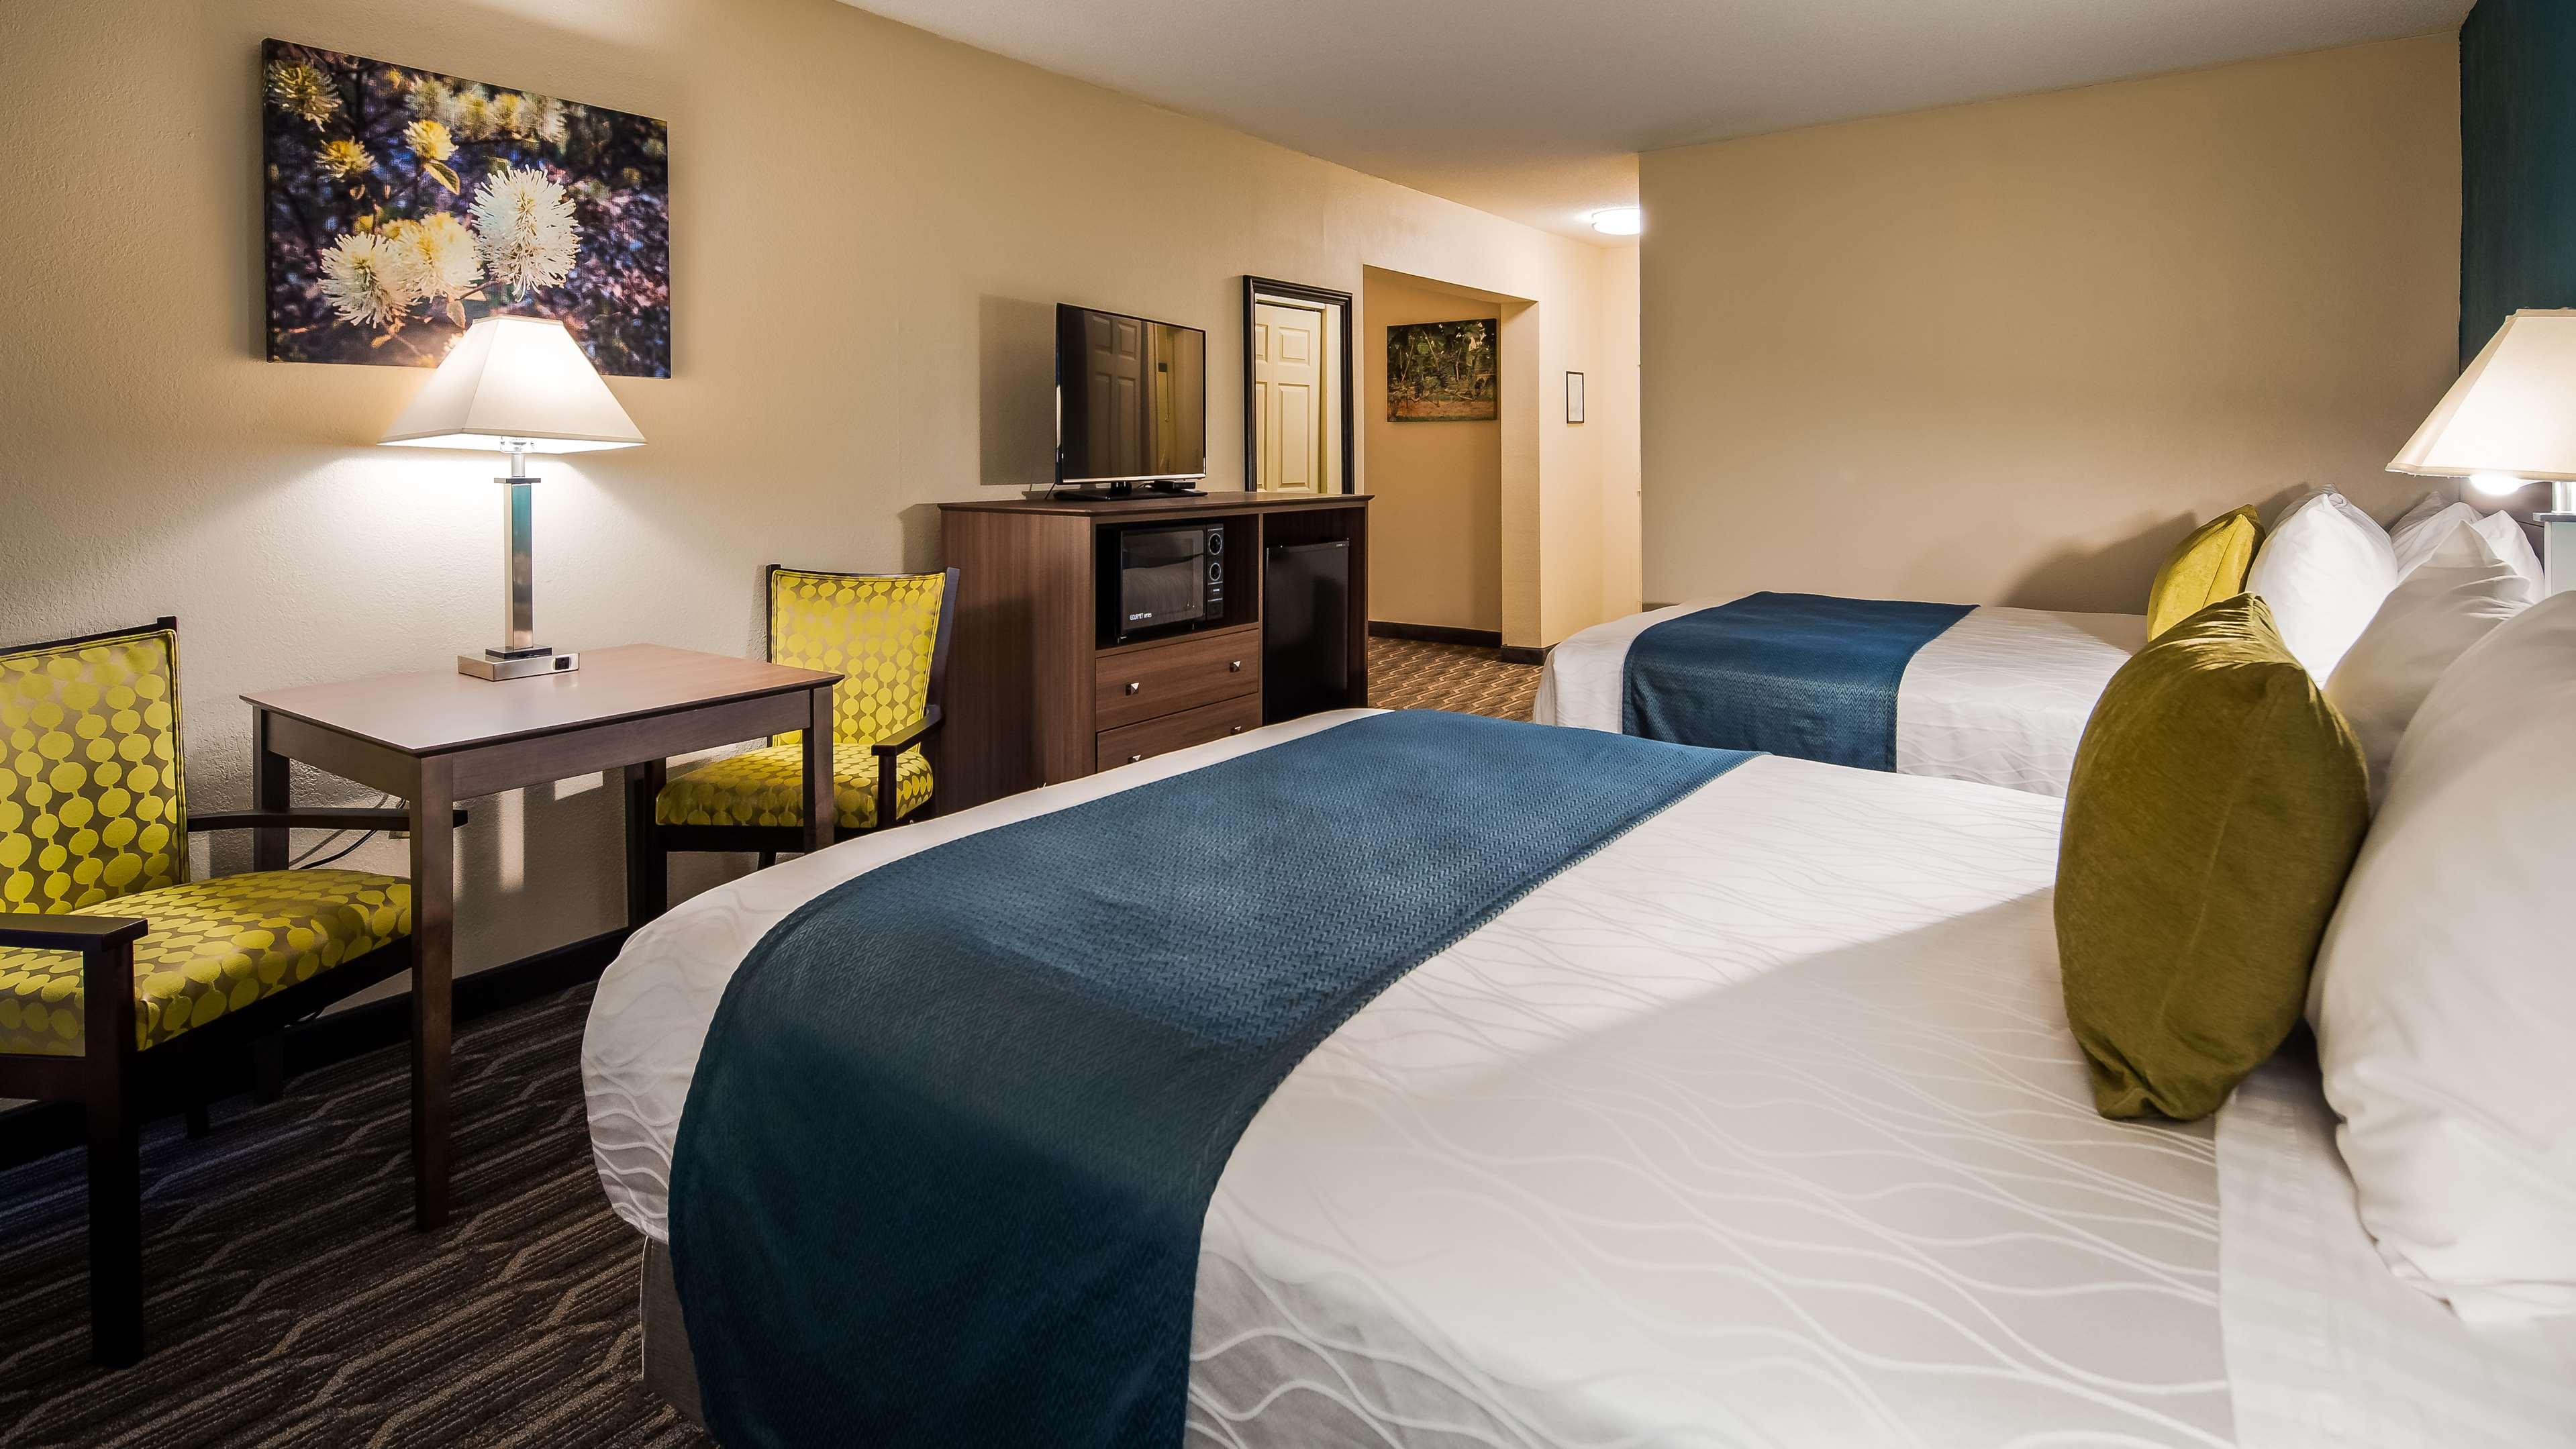 Best Western Plus Yadkin Valley Inn & Suites image 9